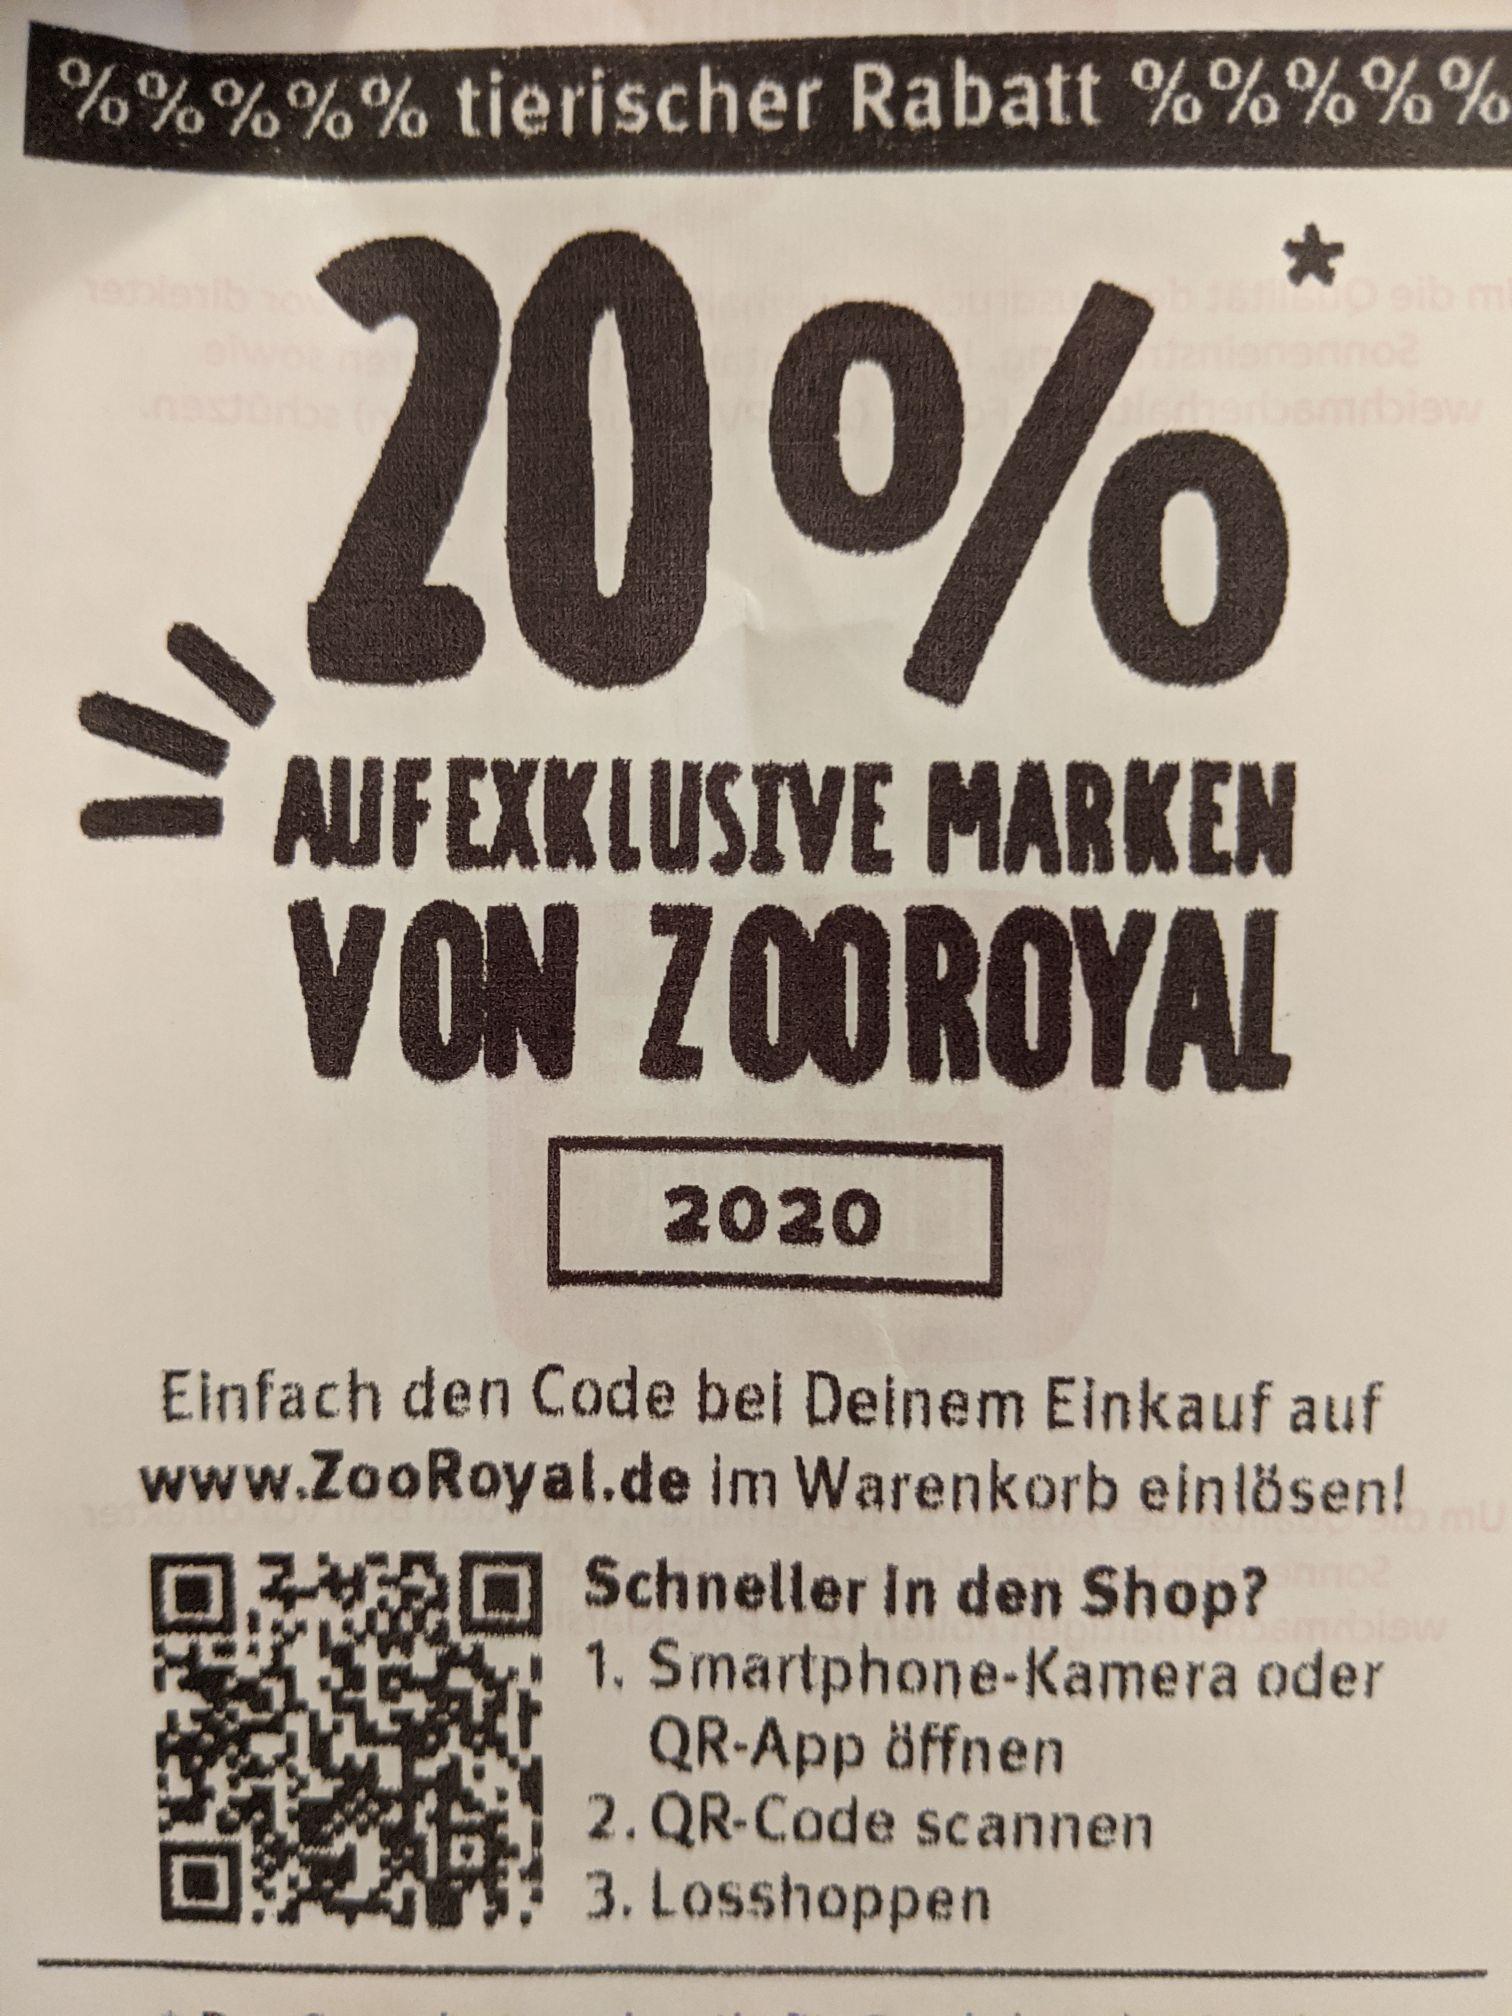 20% auf exklusive Marken von ZooRoyal - 29 Euro MBW